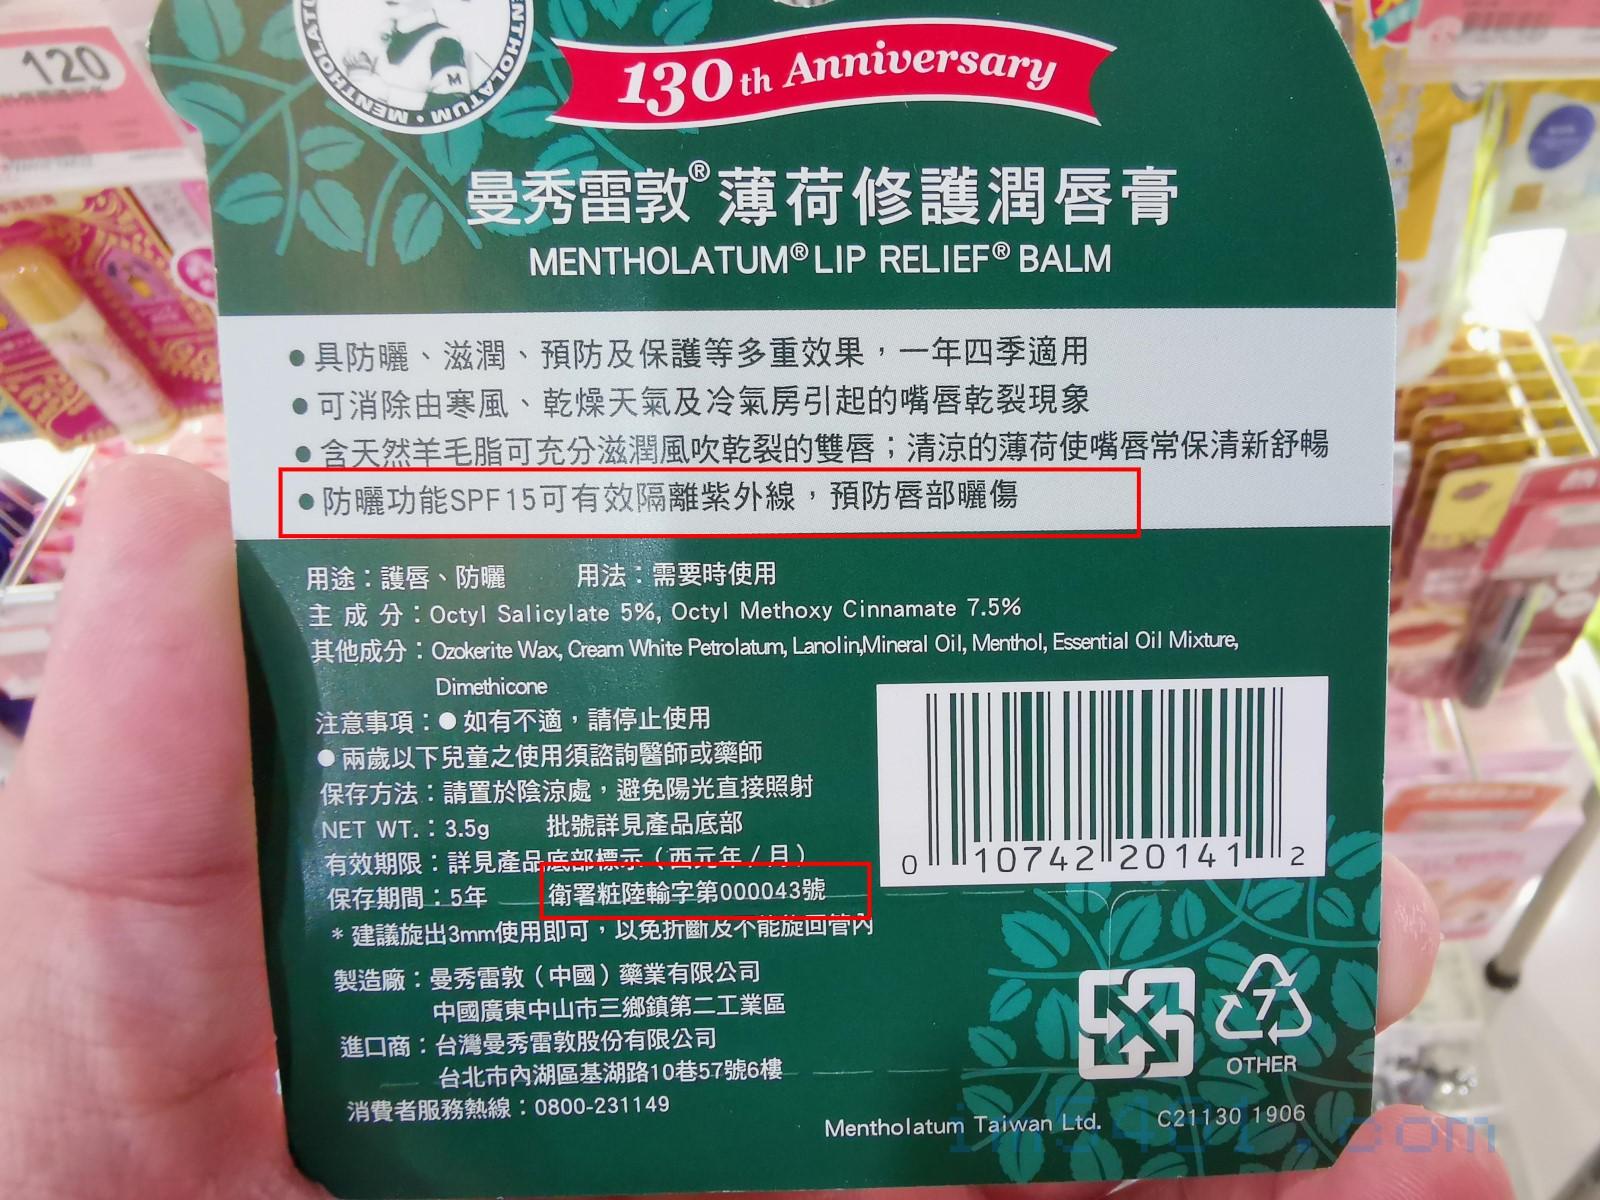 曼秀雷敦薄荷修護潤唇膏,因為有防曬功能,有衛署妝陸輸字第000043號